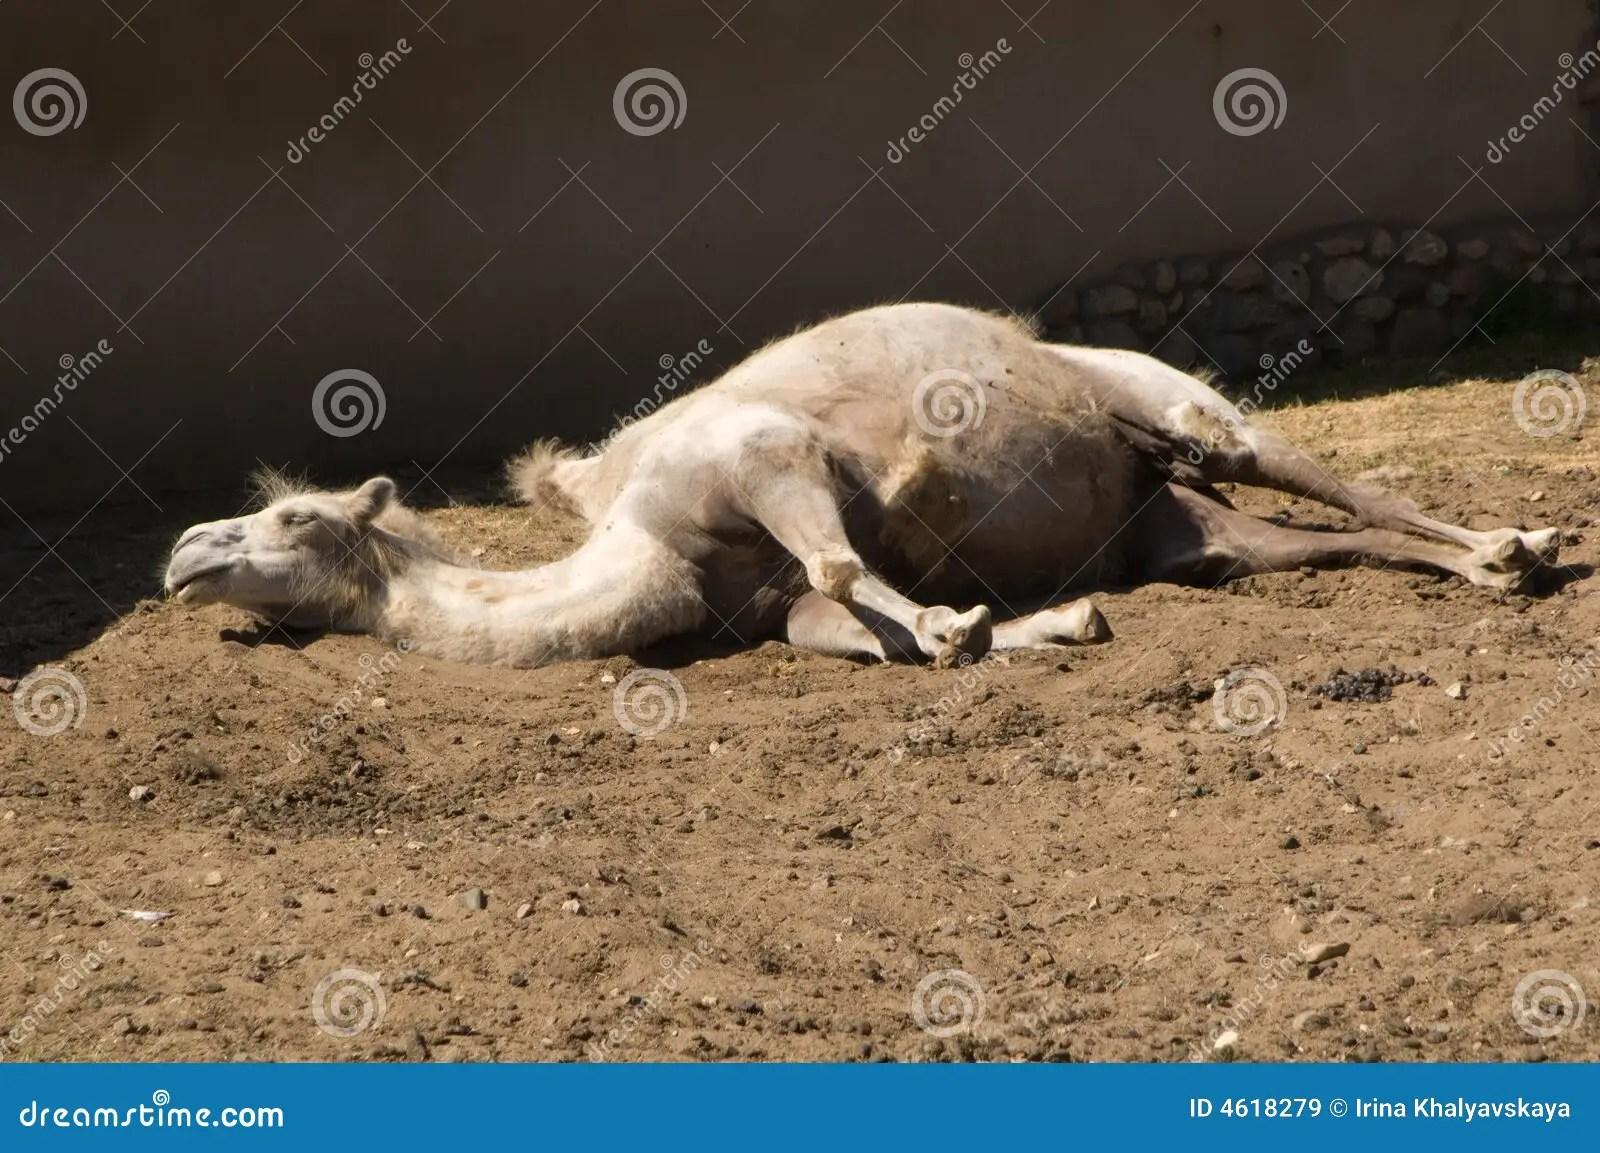 Clip Camel Art Sleeping